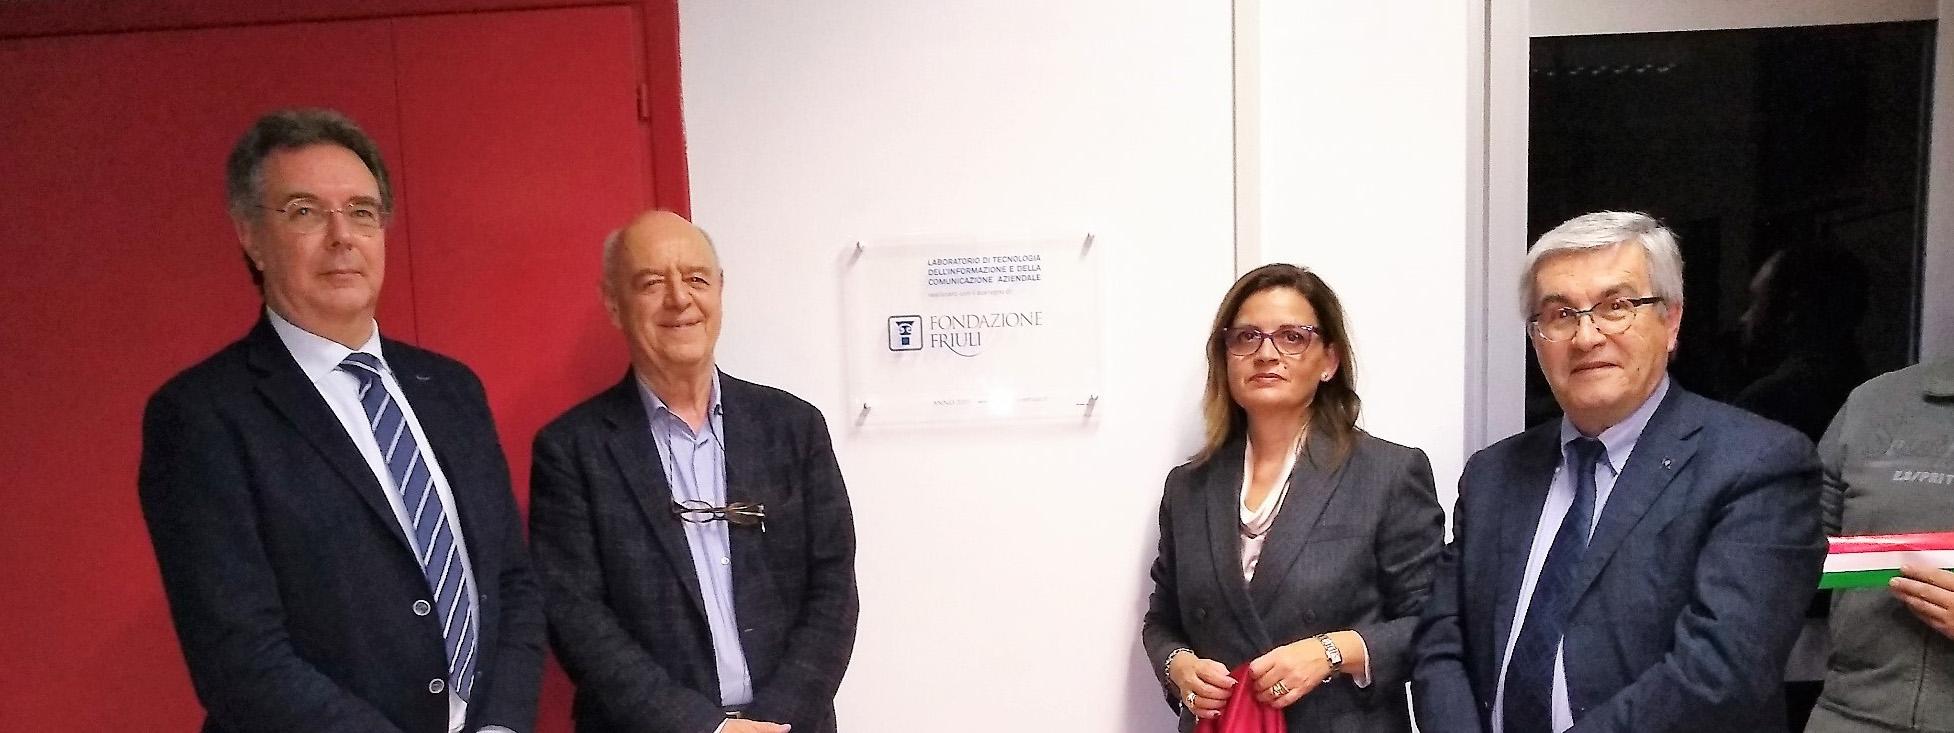 Inaugurato il nuovo Laboratorio di Tecnologia dell'Informazione